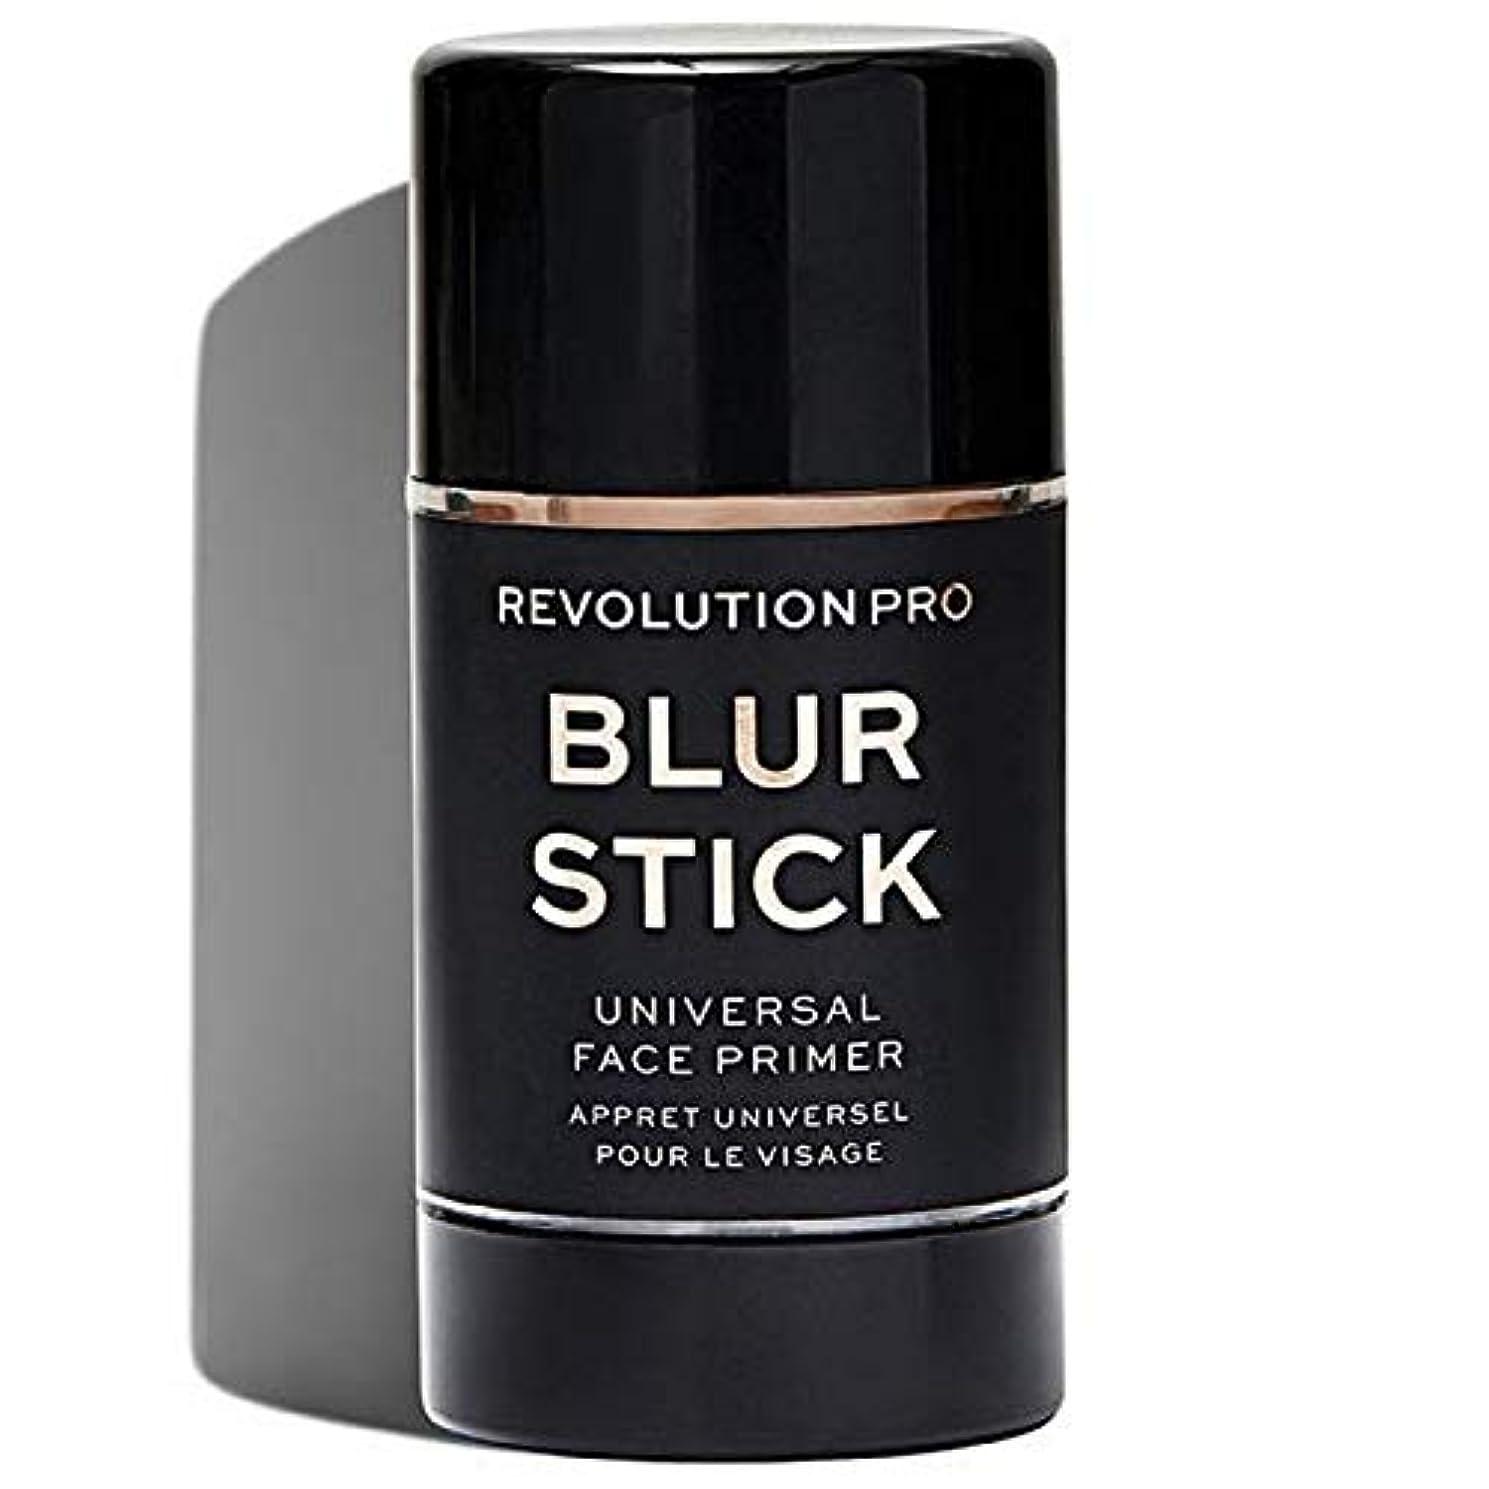 近代化する知り合いになる凍る[Revolution ] 革命プロブラースティック - Revolution Pro Blur Stick [並行輸入品]